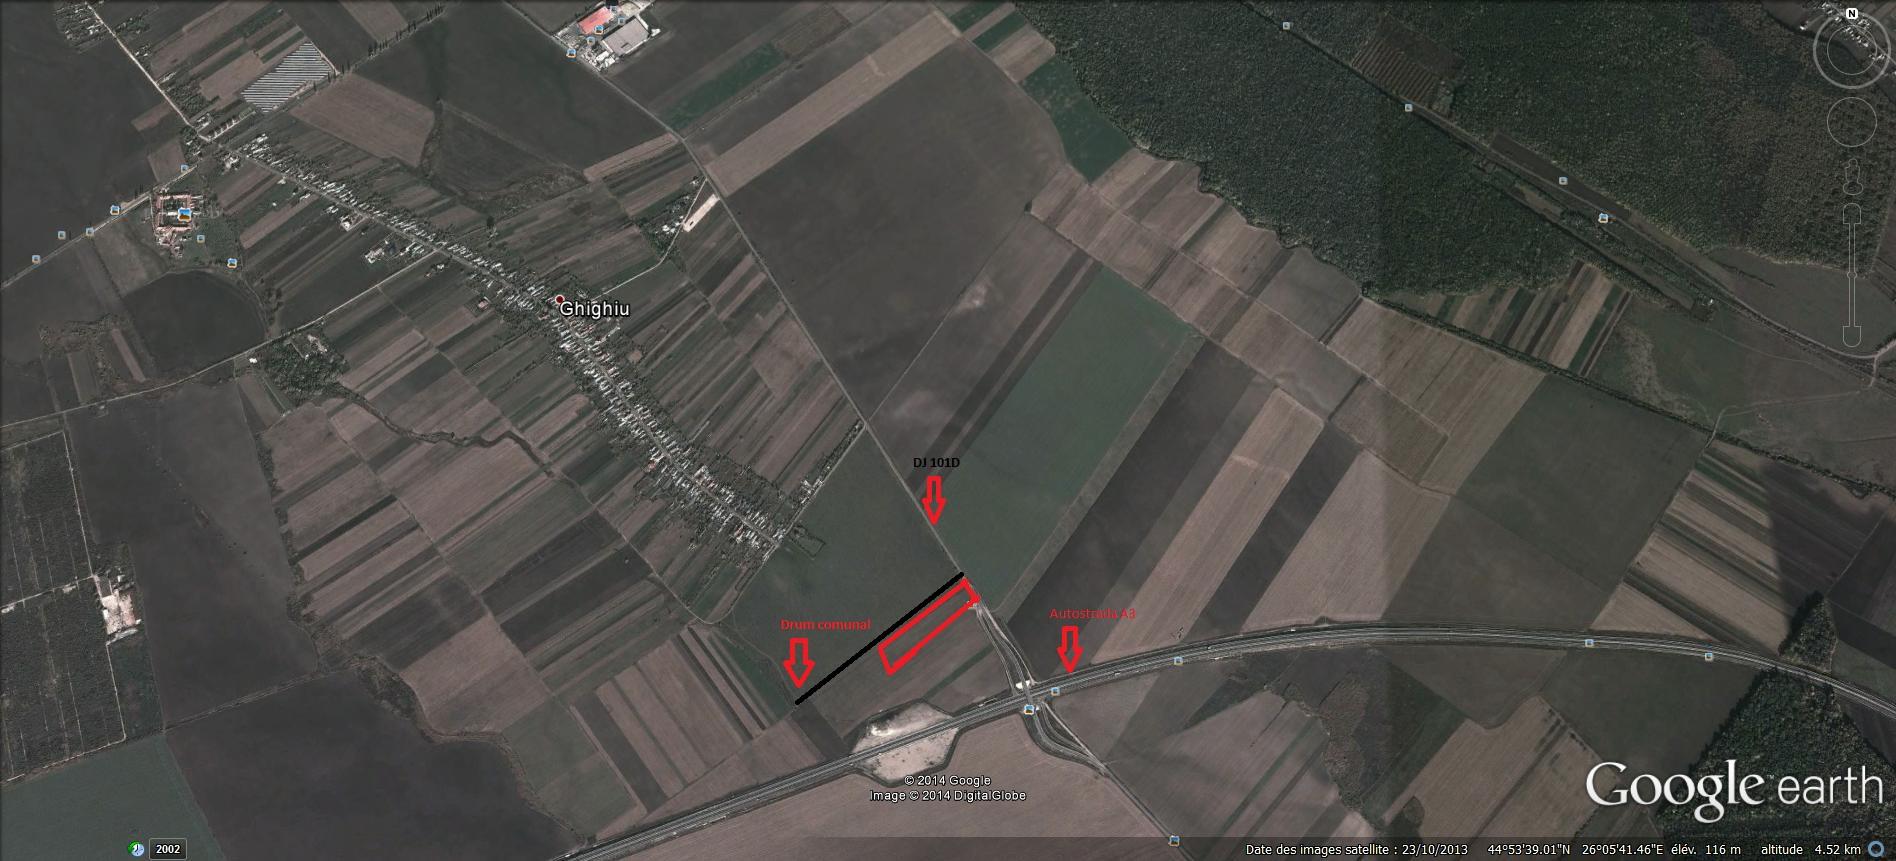 Vendita terreno agricolo ploiesti prahova romania - Agenzie immobiliari bucarest ...